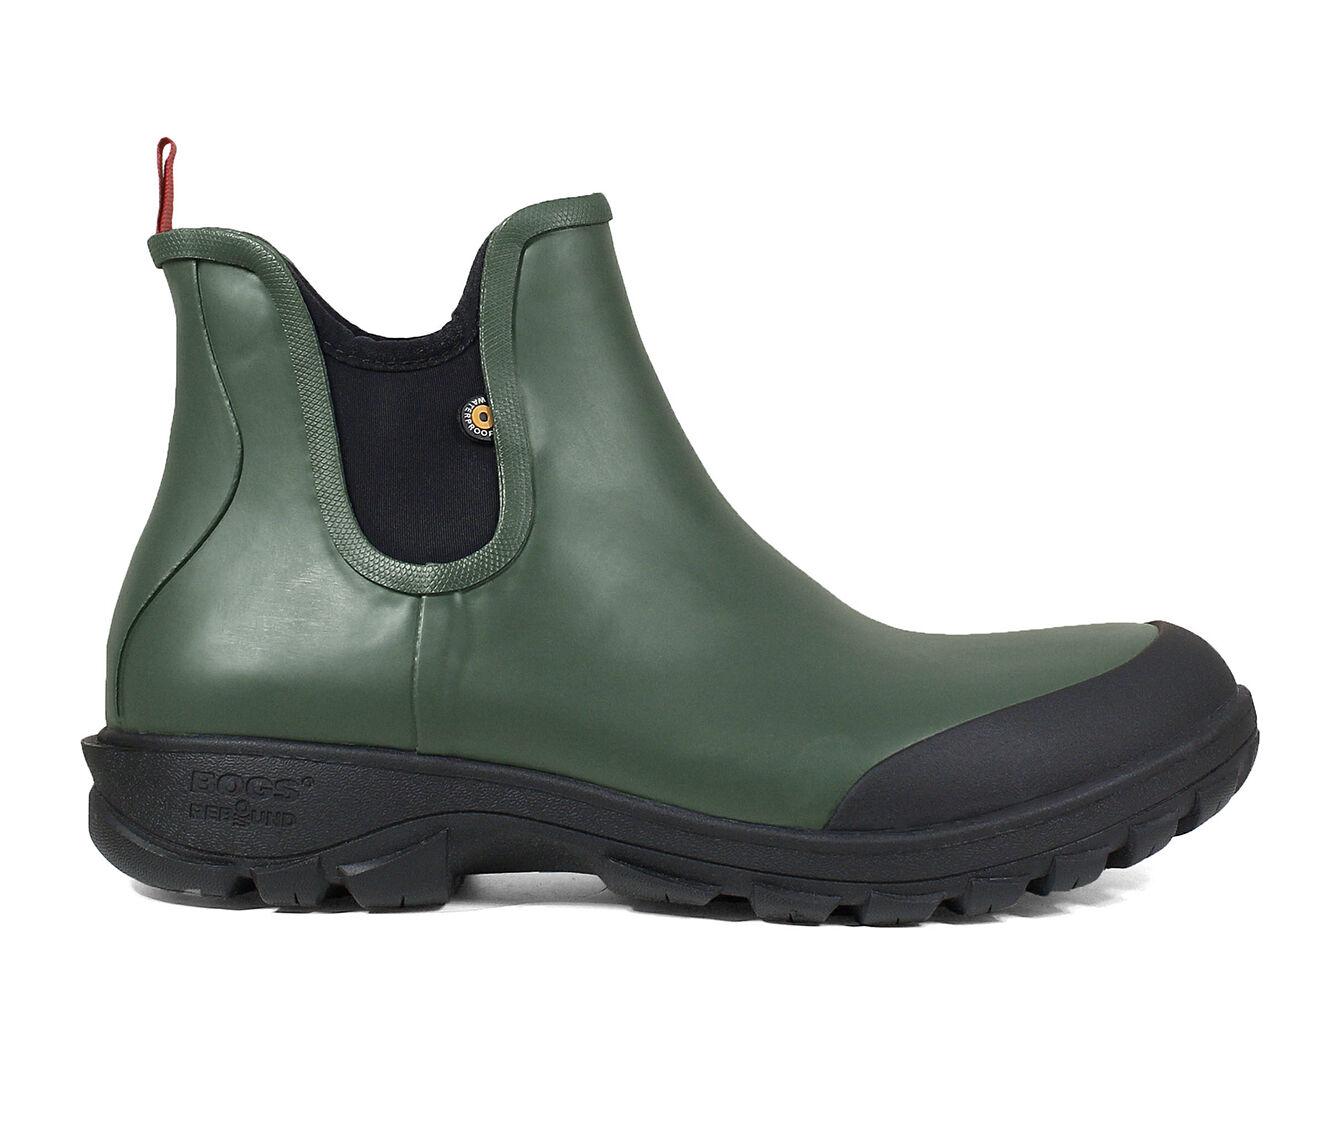 Men's Bogs Footwear Sauvie Slip On Slip Resistant Waterproof Safety Shoes DARK GREEN